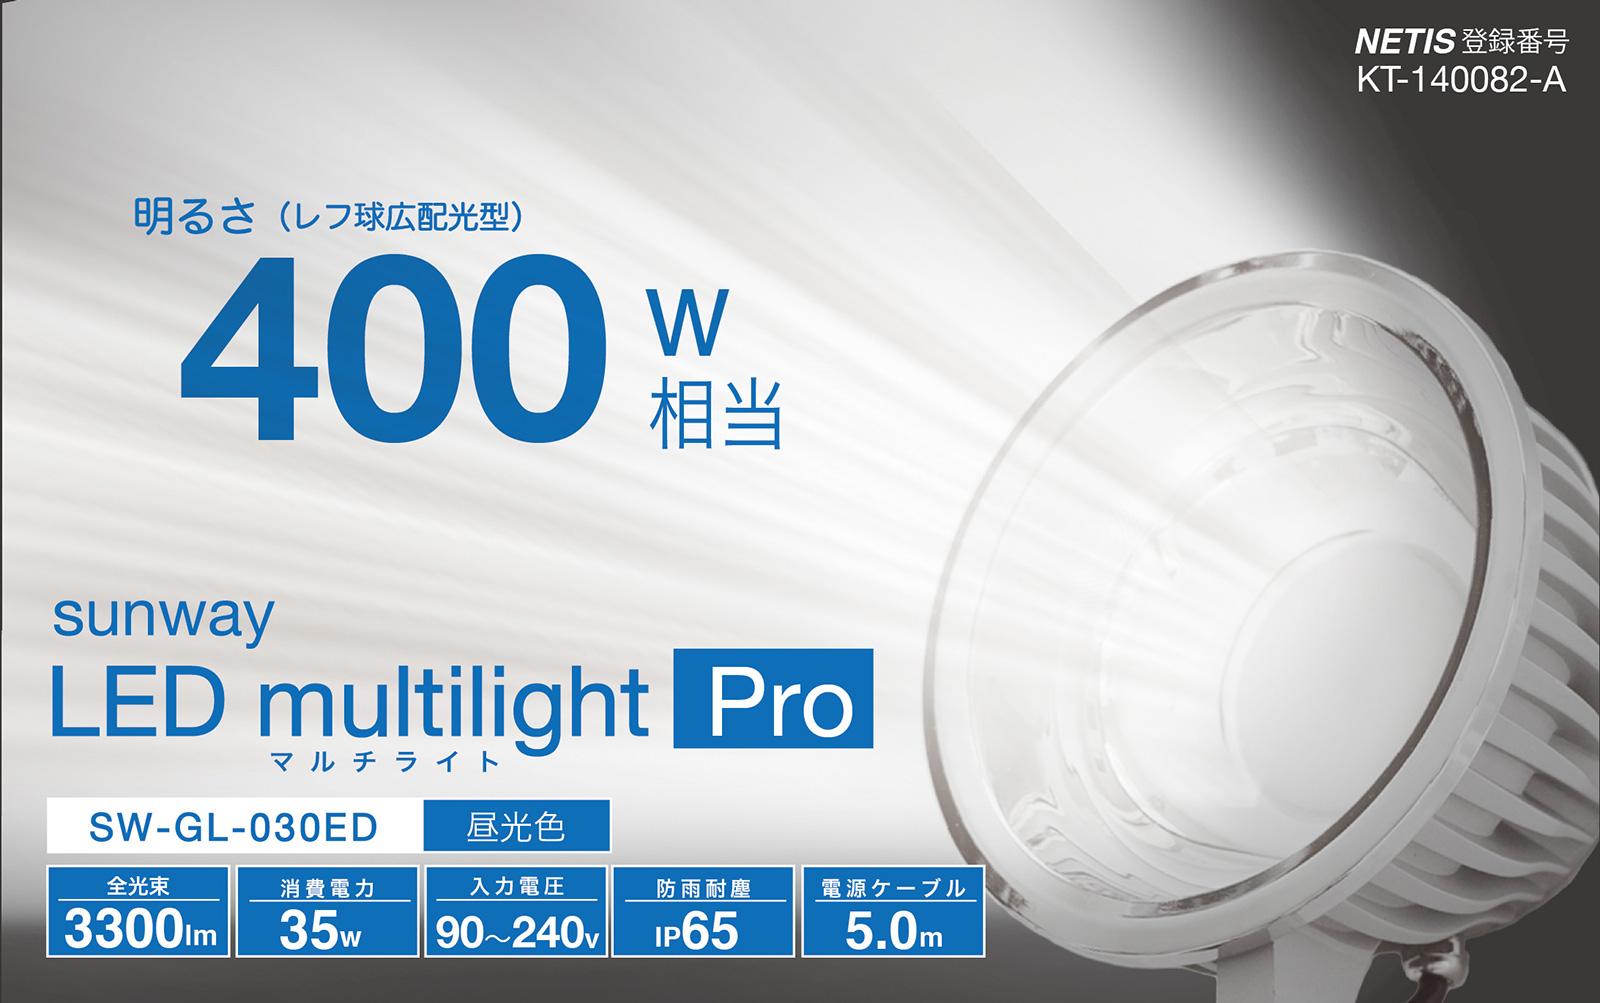 ◎サンウェイ LEDマルチライト・プロ 屋外対応LED投光器(作業灯) 90V~240V対応 35W 3300lm 屋外用レフランプ400W相当 昼光色(6500K) 照射角度60° 防塵 防雨(IP65) 電源ケーブル5m SW-GL-030ED